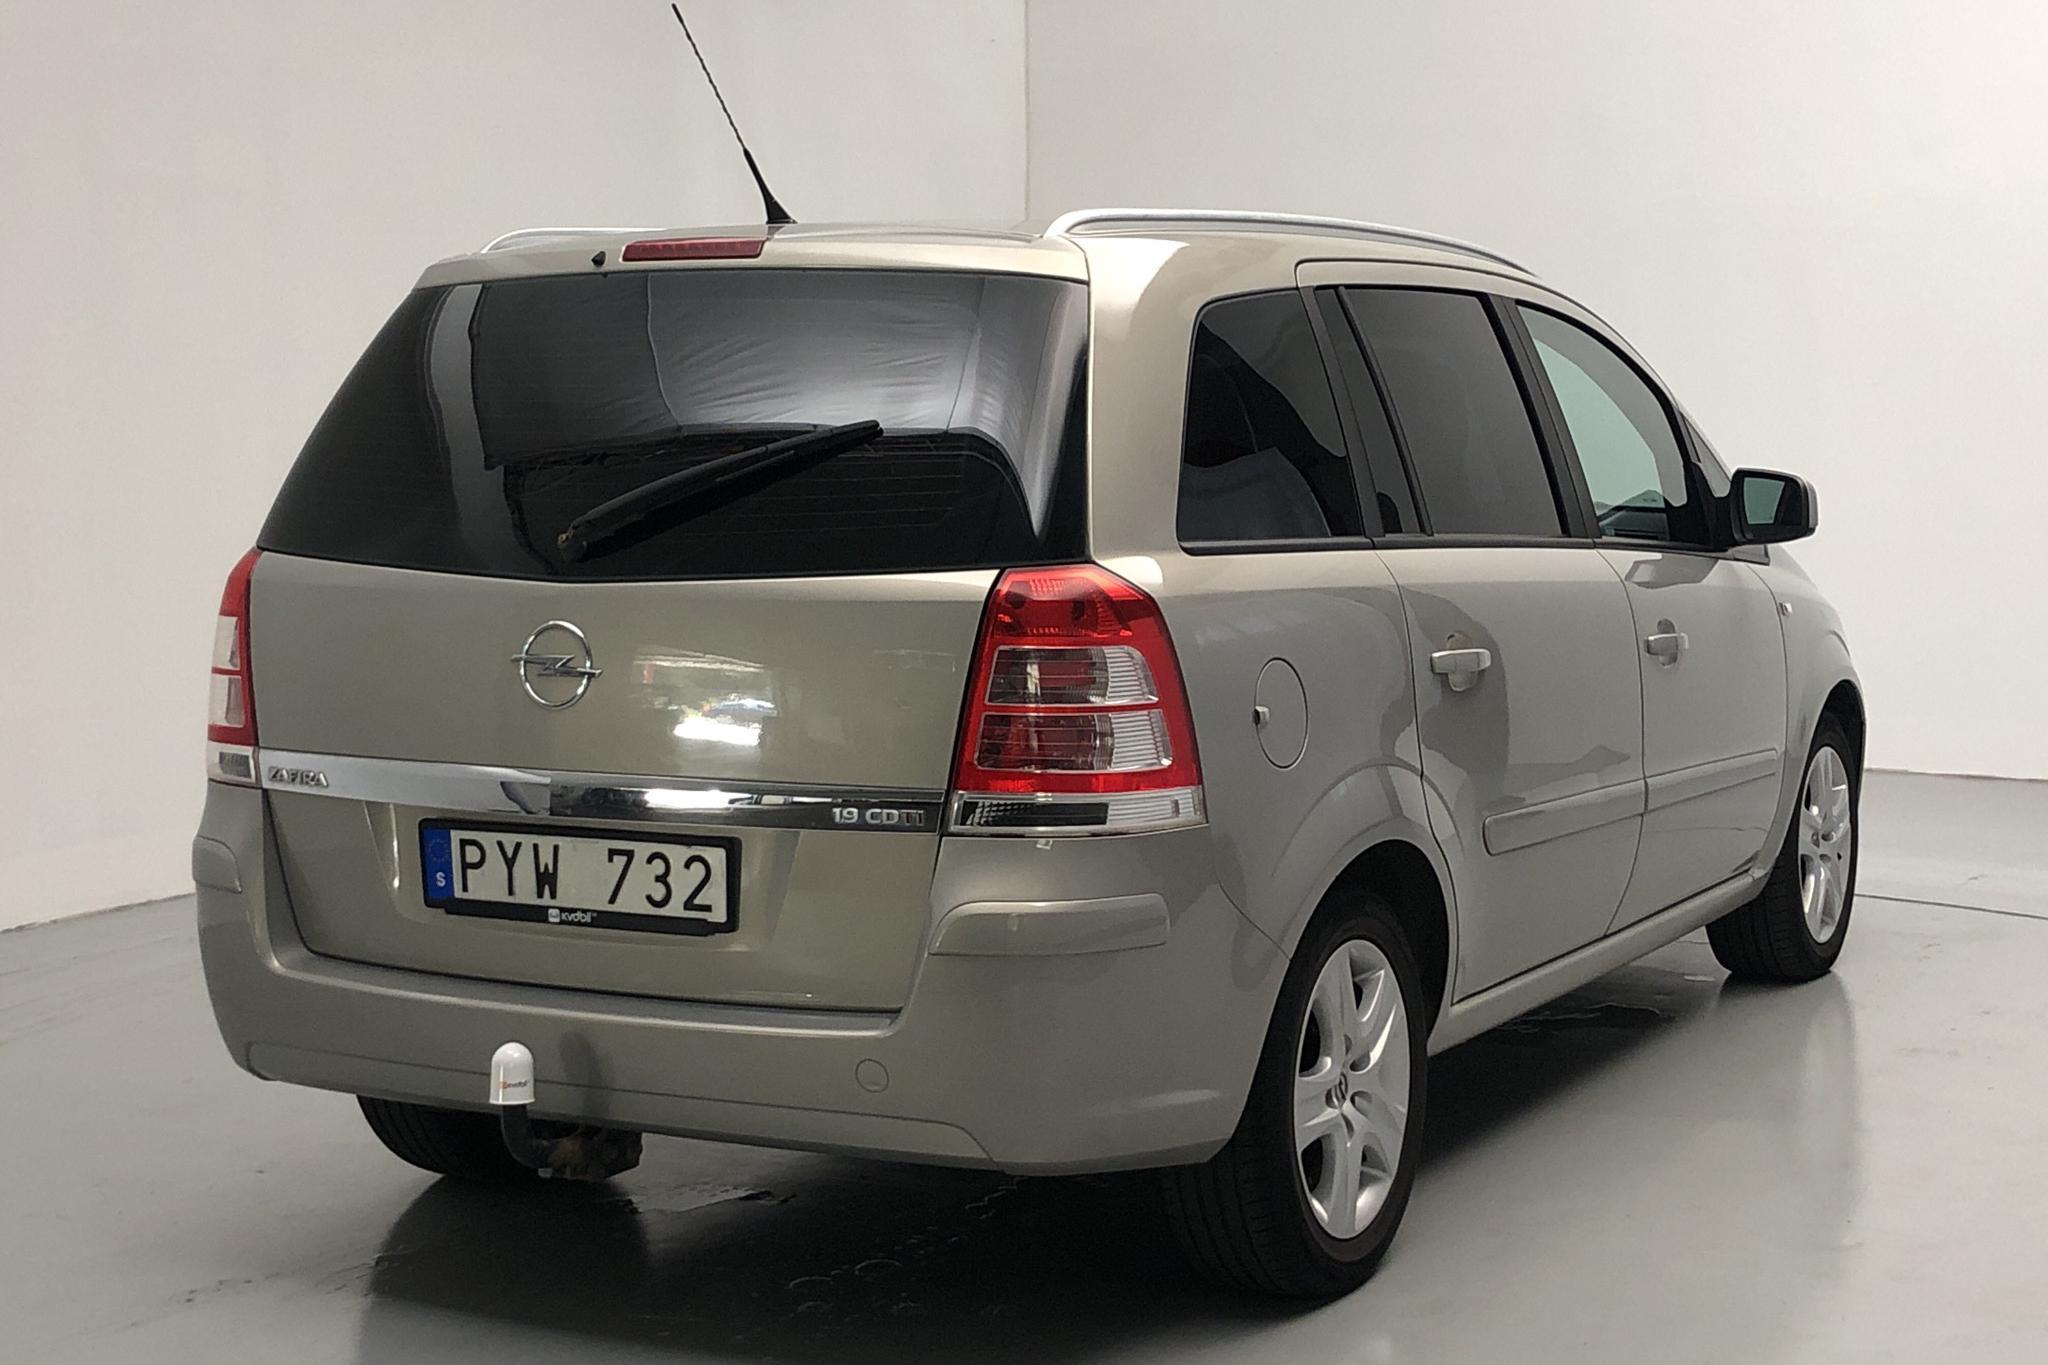 Opel Zafira II 1.9 CDTI (150hk) - 153 730 km - Manual - gray - 2010